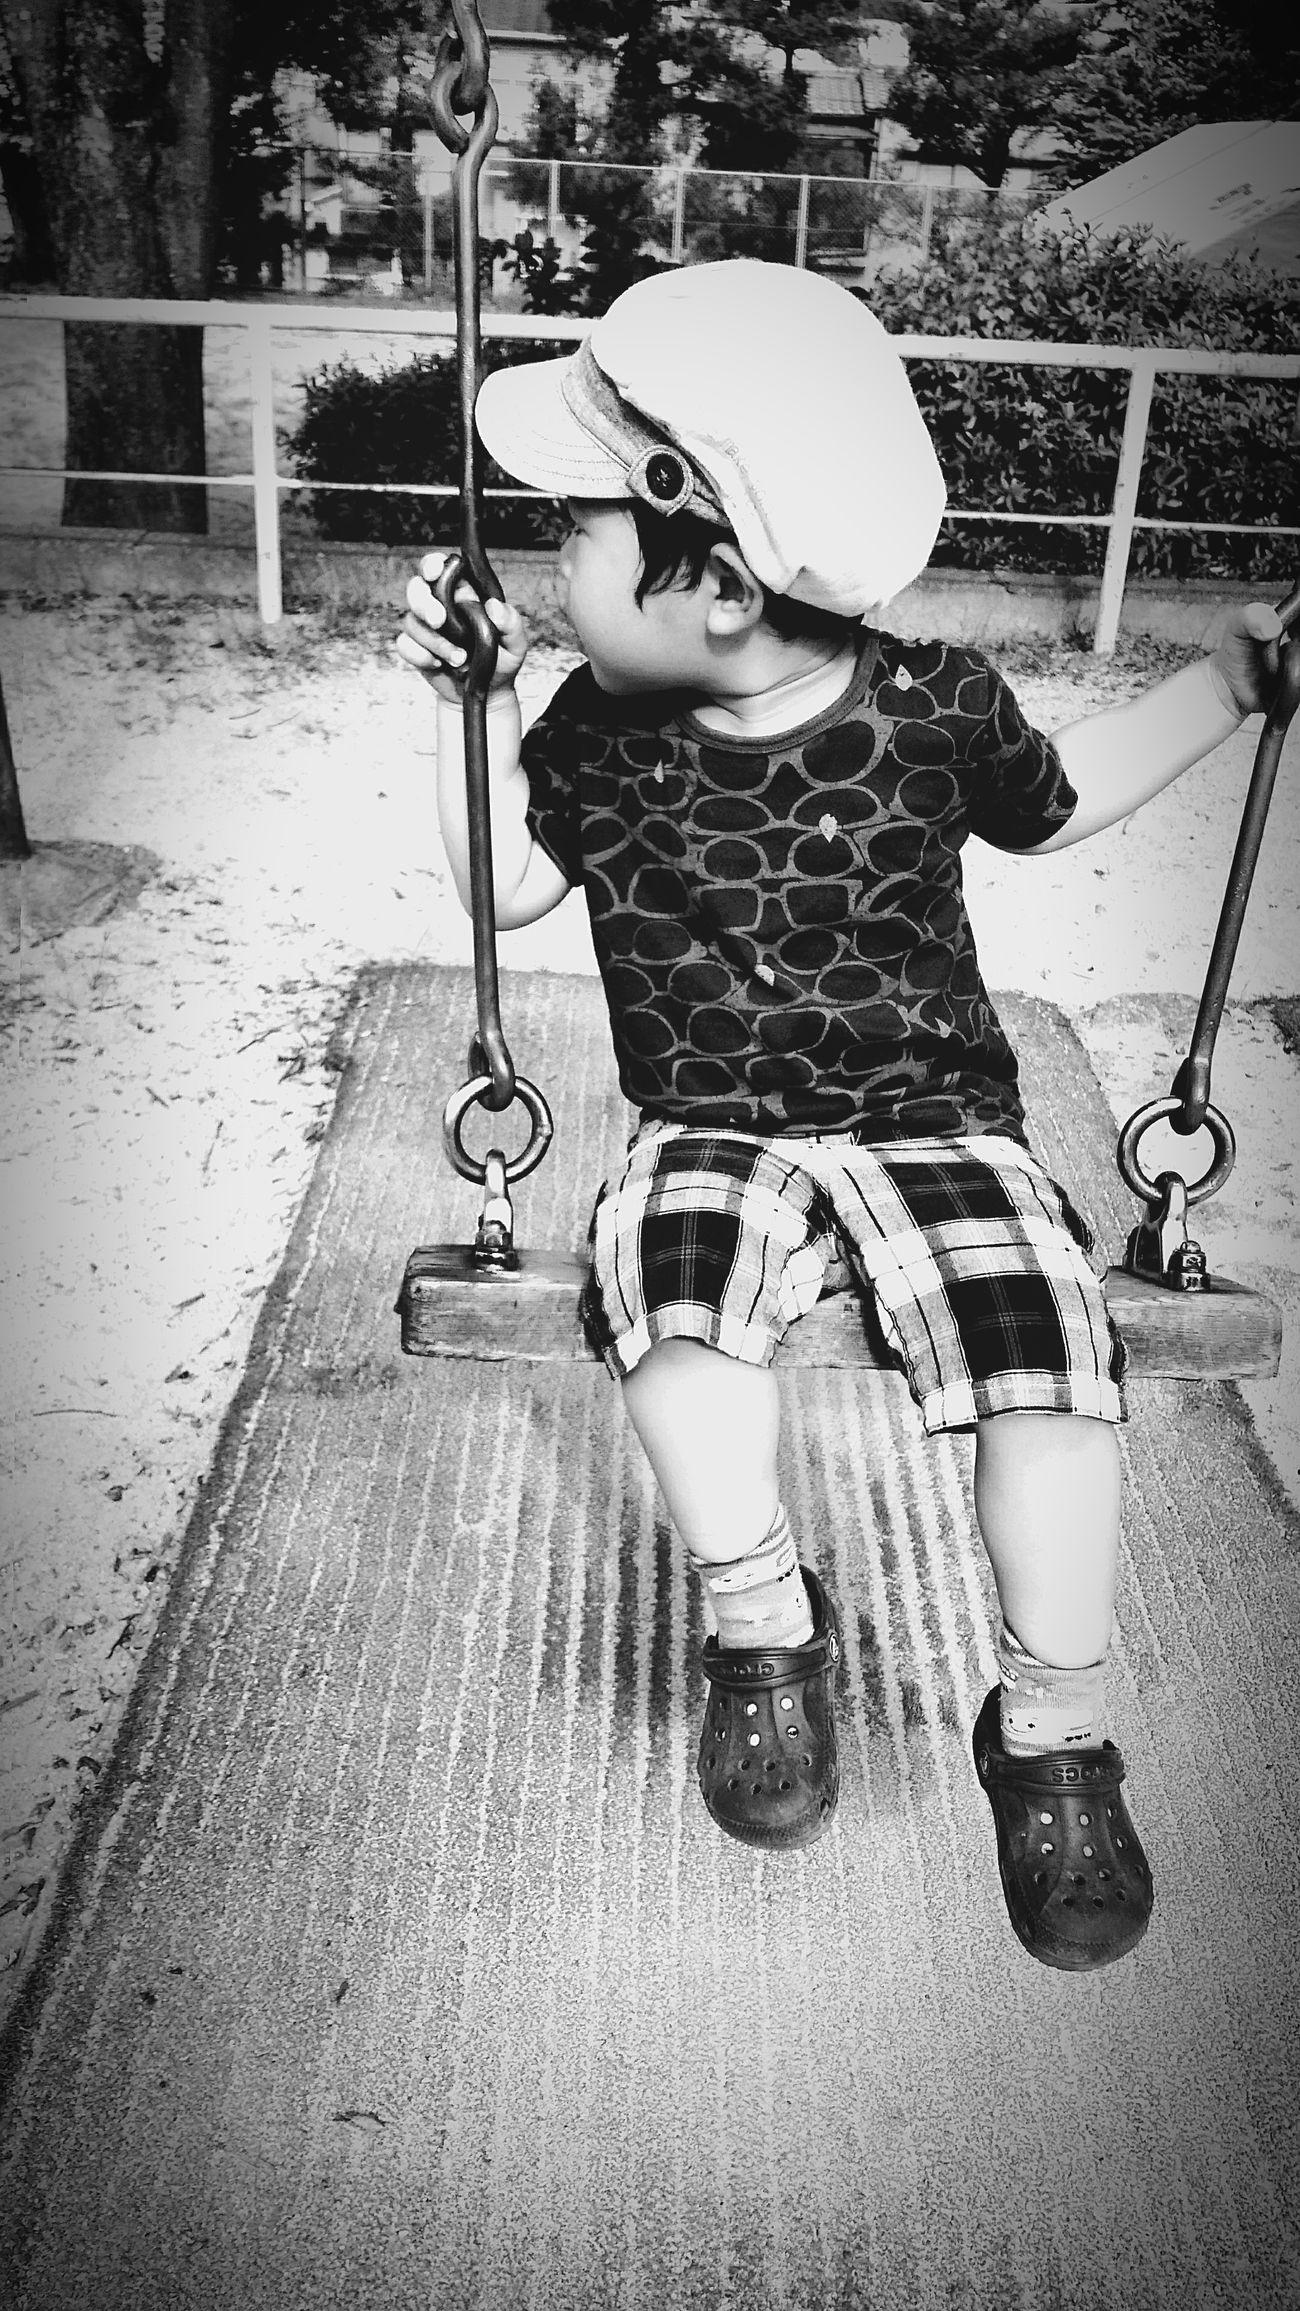 [16.08.21] 不安。 Black And White Park Japan Child Enjoying Life People Day Outdoors Cool Japan Person Creative Light And Shadow Japanese  Pixlr Monochrome Black & White One Person City Life Real People Boys Outdoor Play Equipment Swing